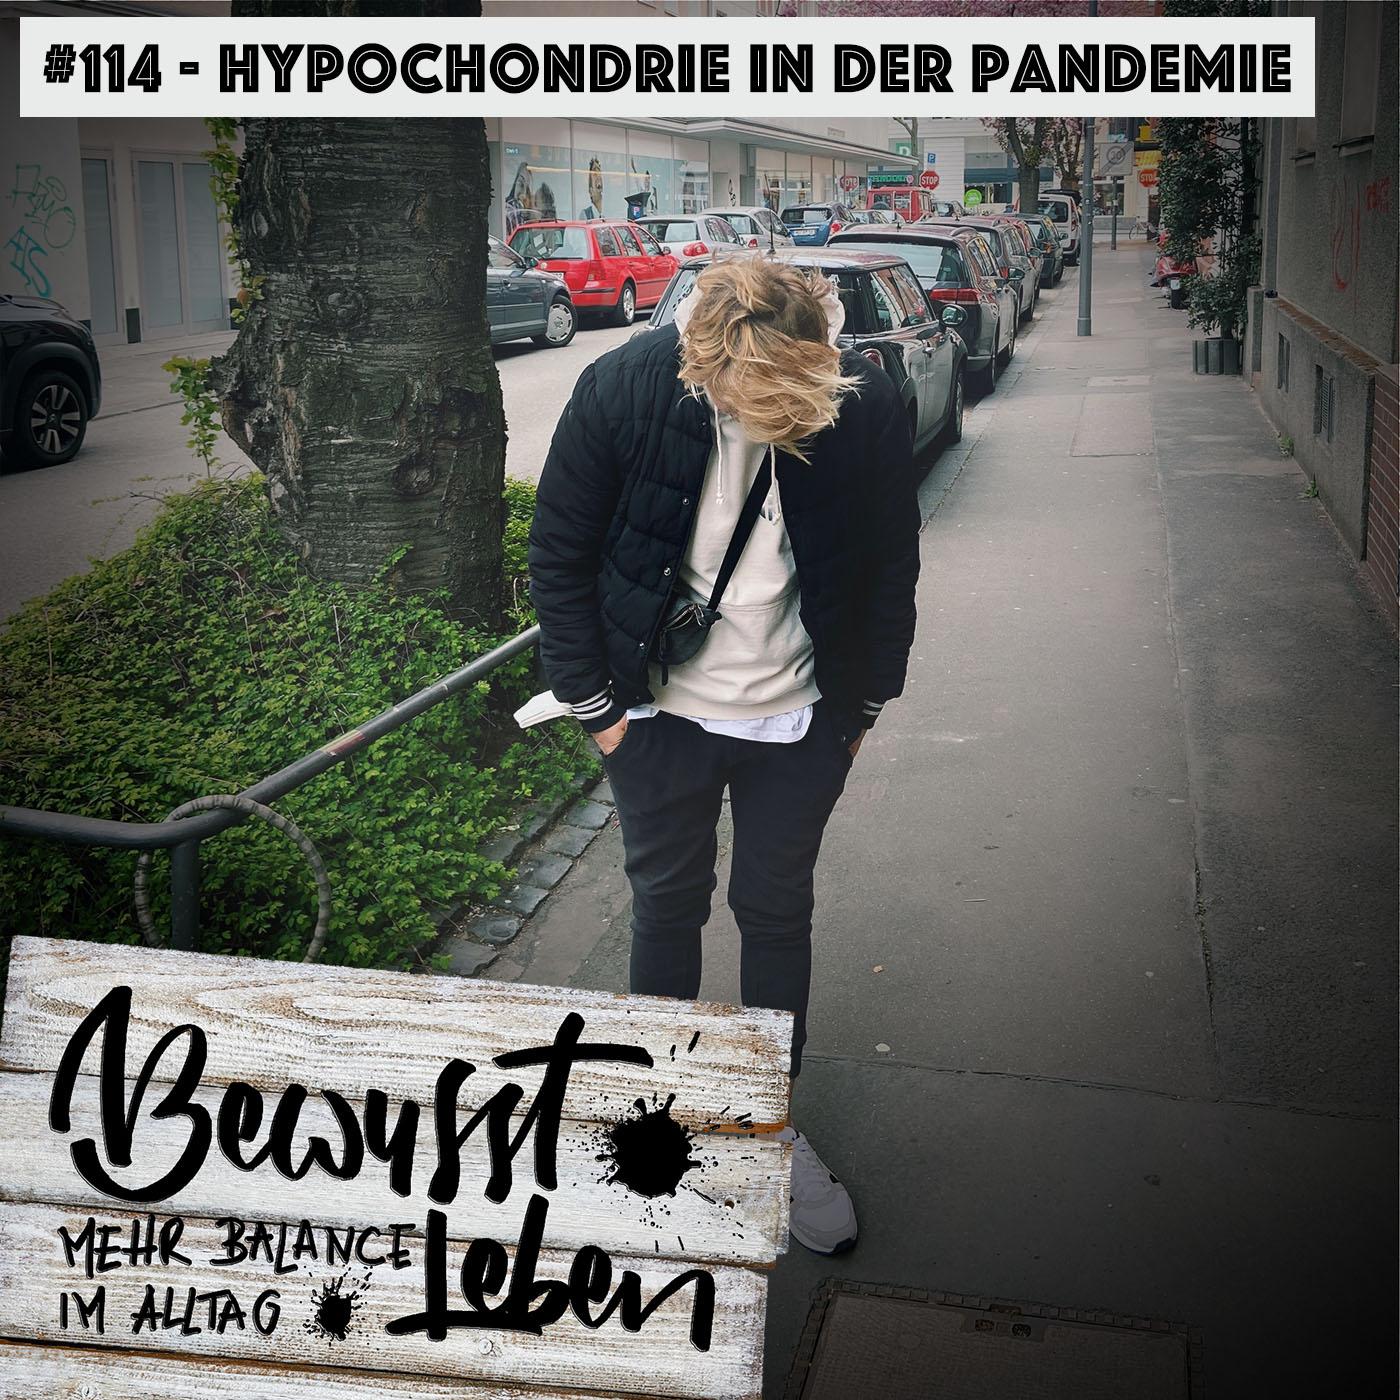 Hypochondrie in der Pandemie